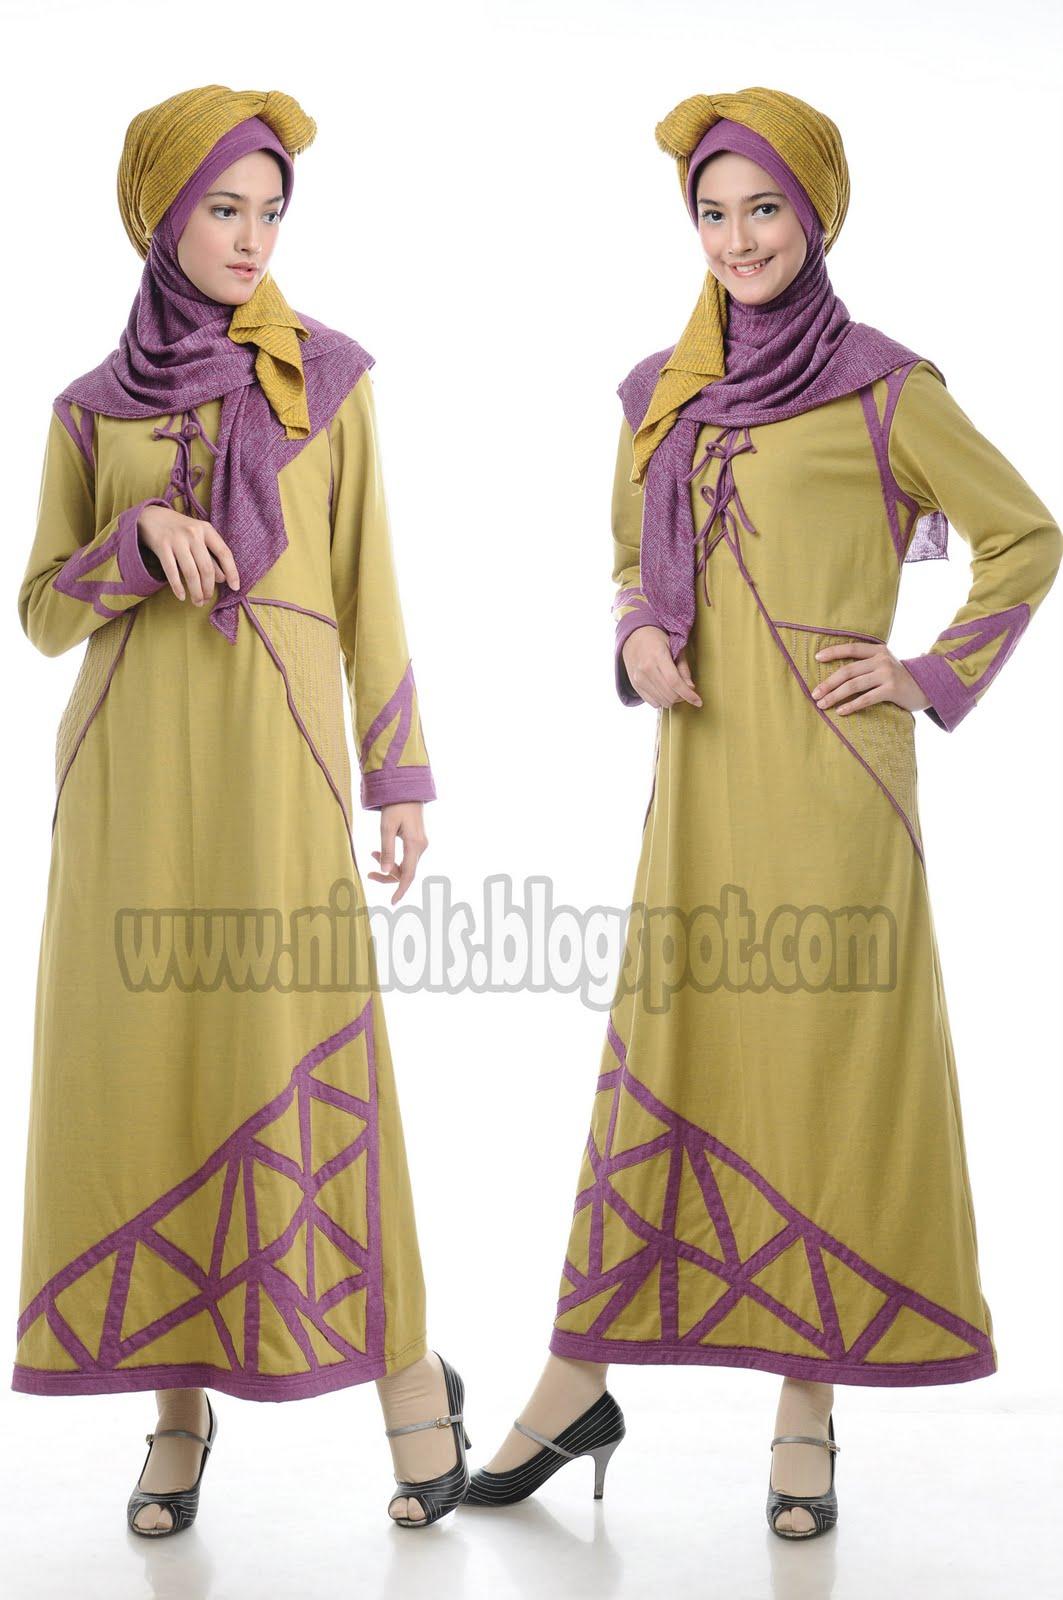 Ninols busana muslim kaos gamis kaos blus kaos celana Baju gamis pasar baru bandung